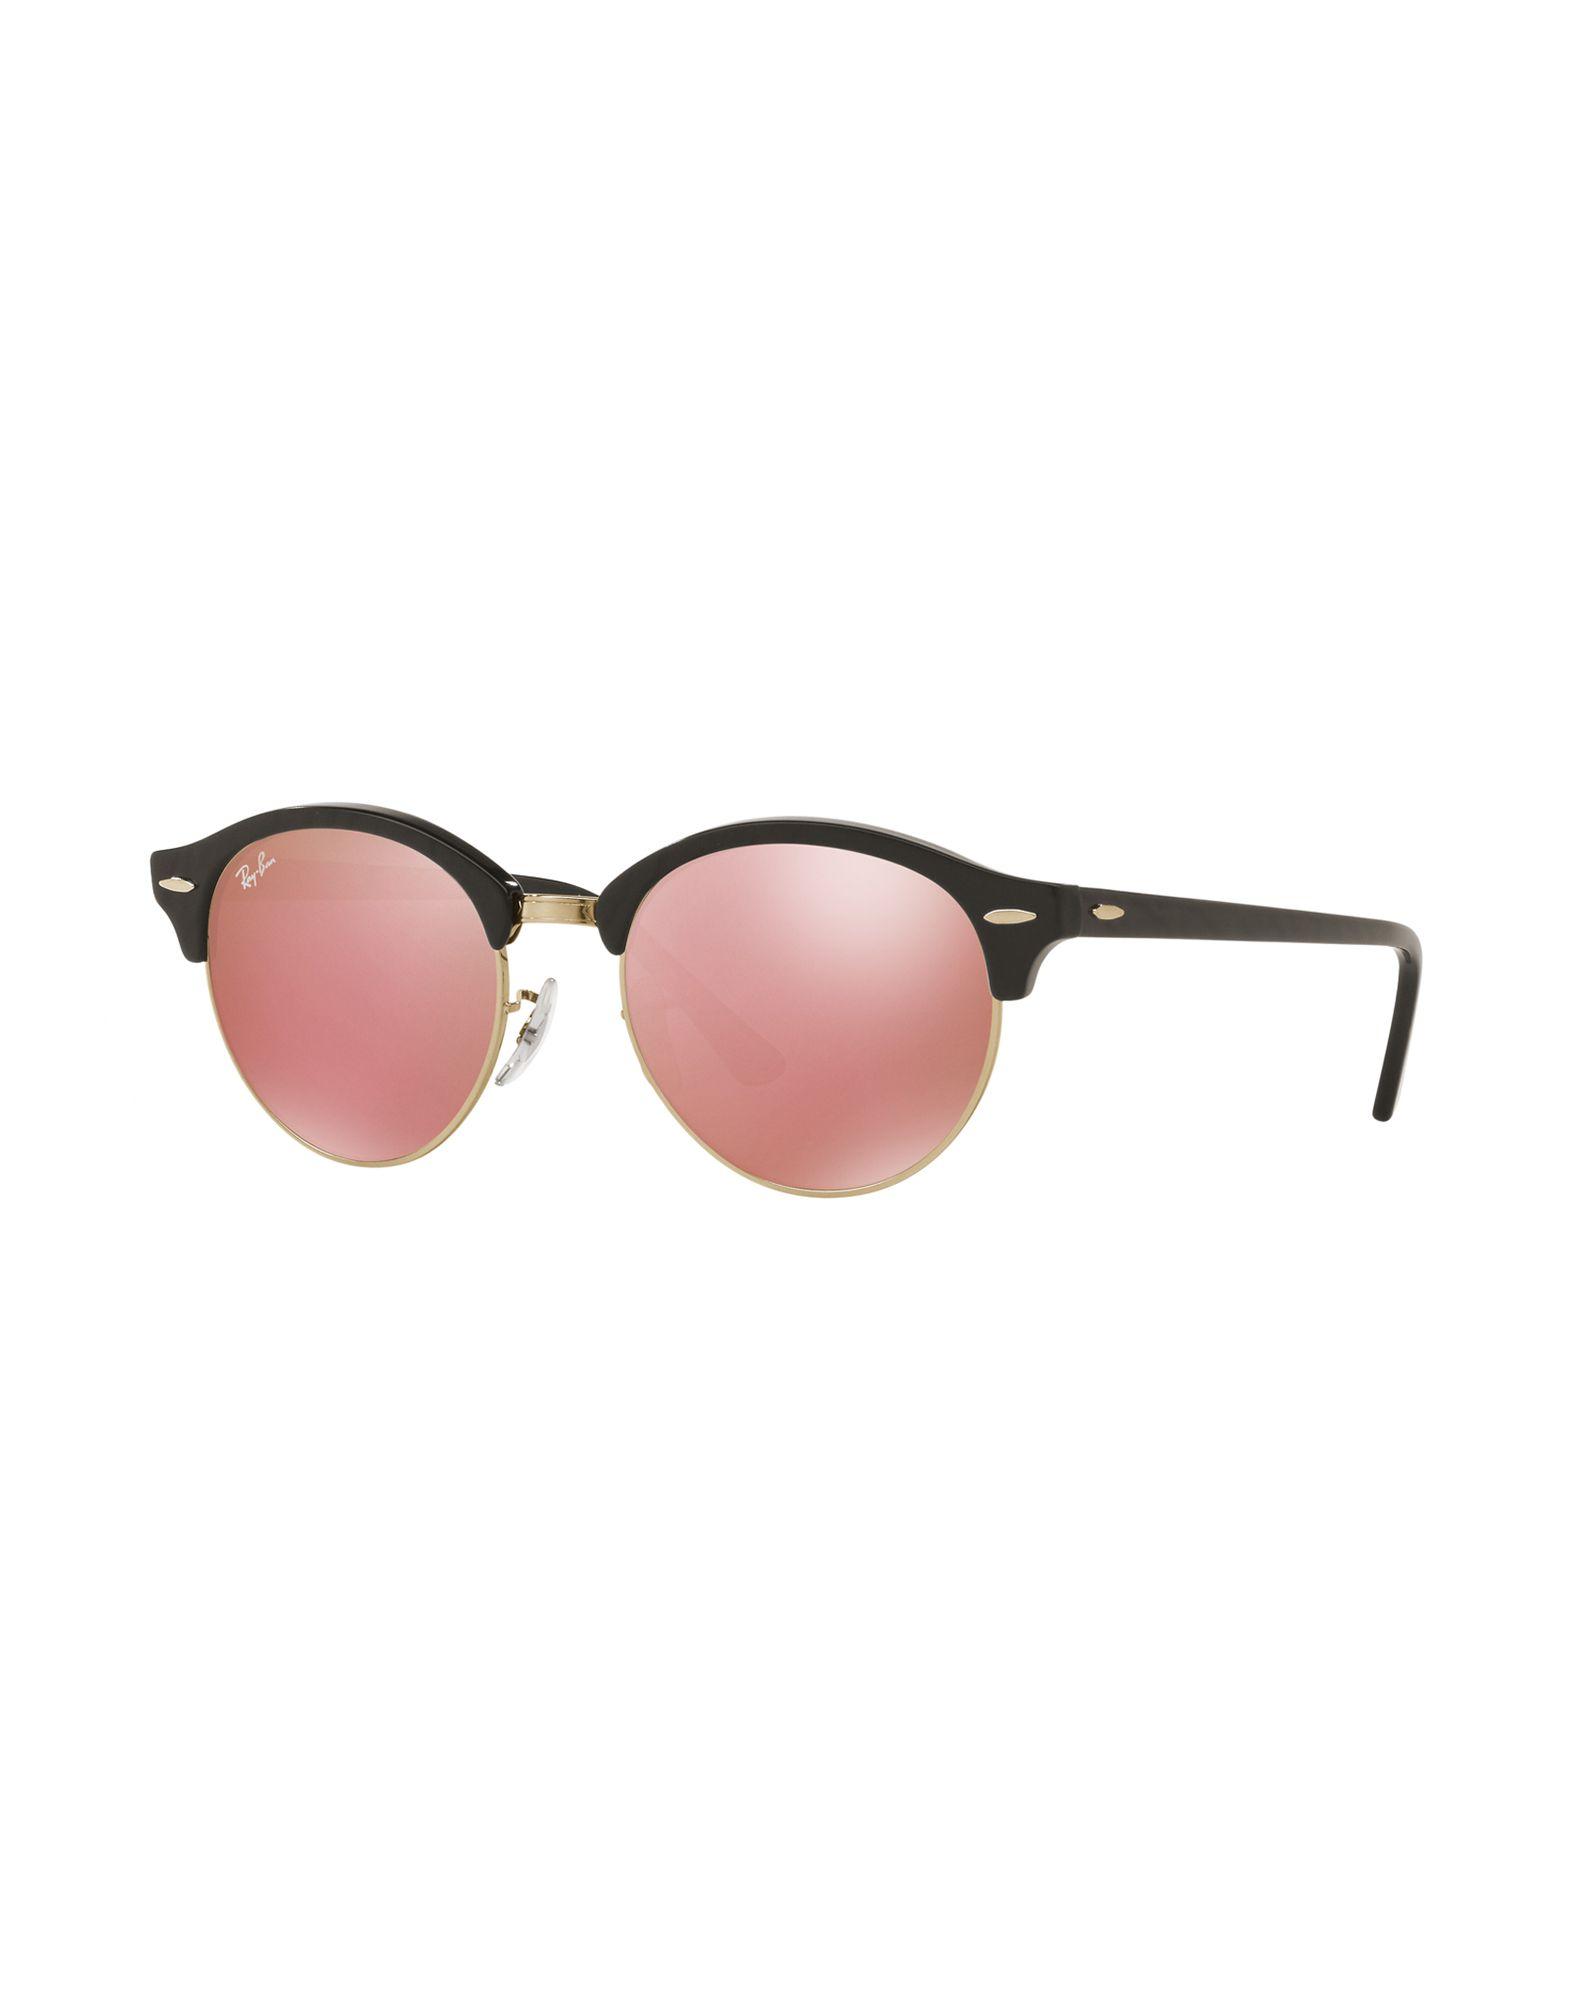 RAY-BAN Unisex Sonnenbrille Farbe Schwarz Größe 9 - broschei